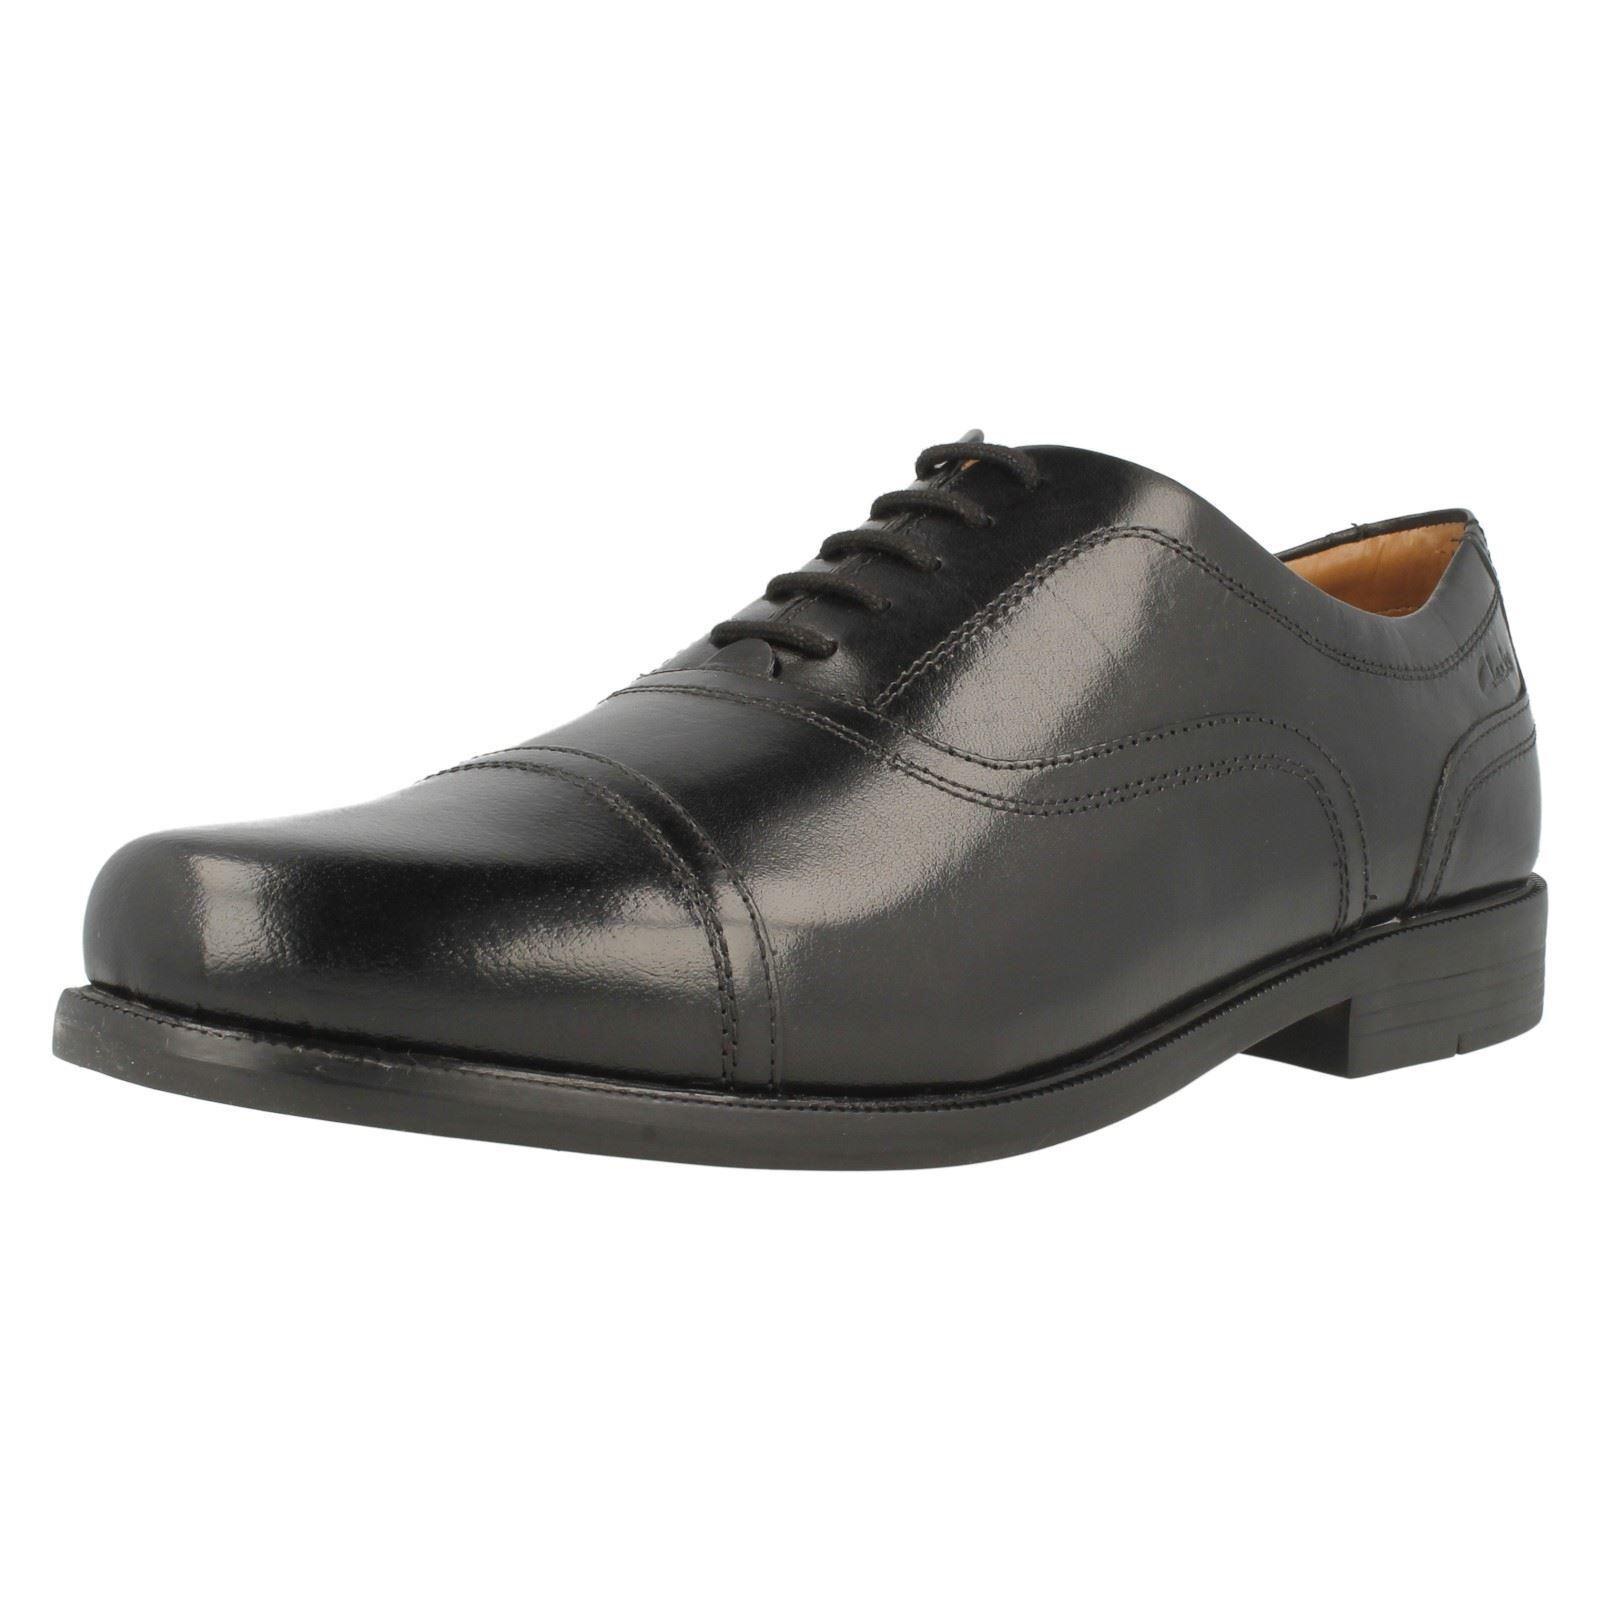 Clarks Scarpe Da Uomo Formale Beeston Cap Scarpe classiche da uomo